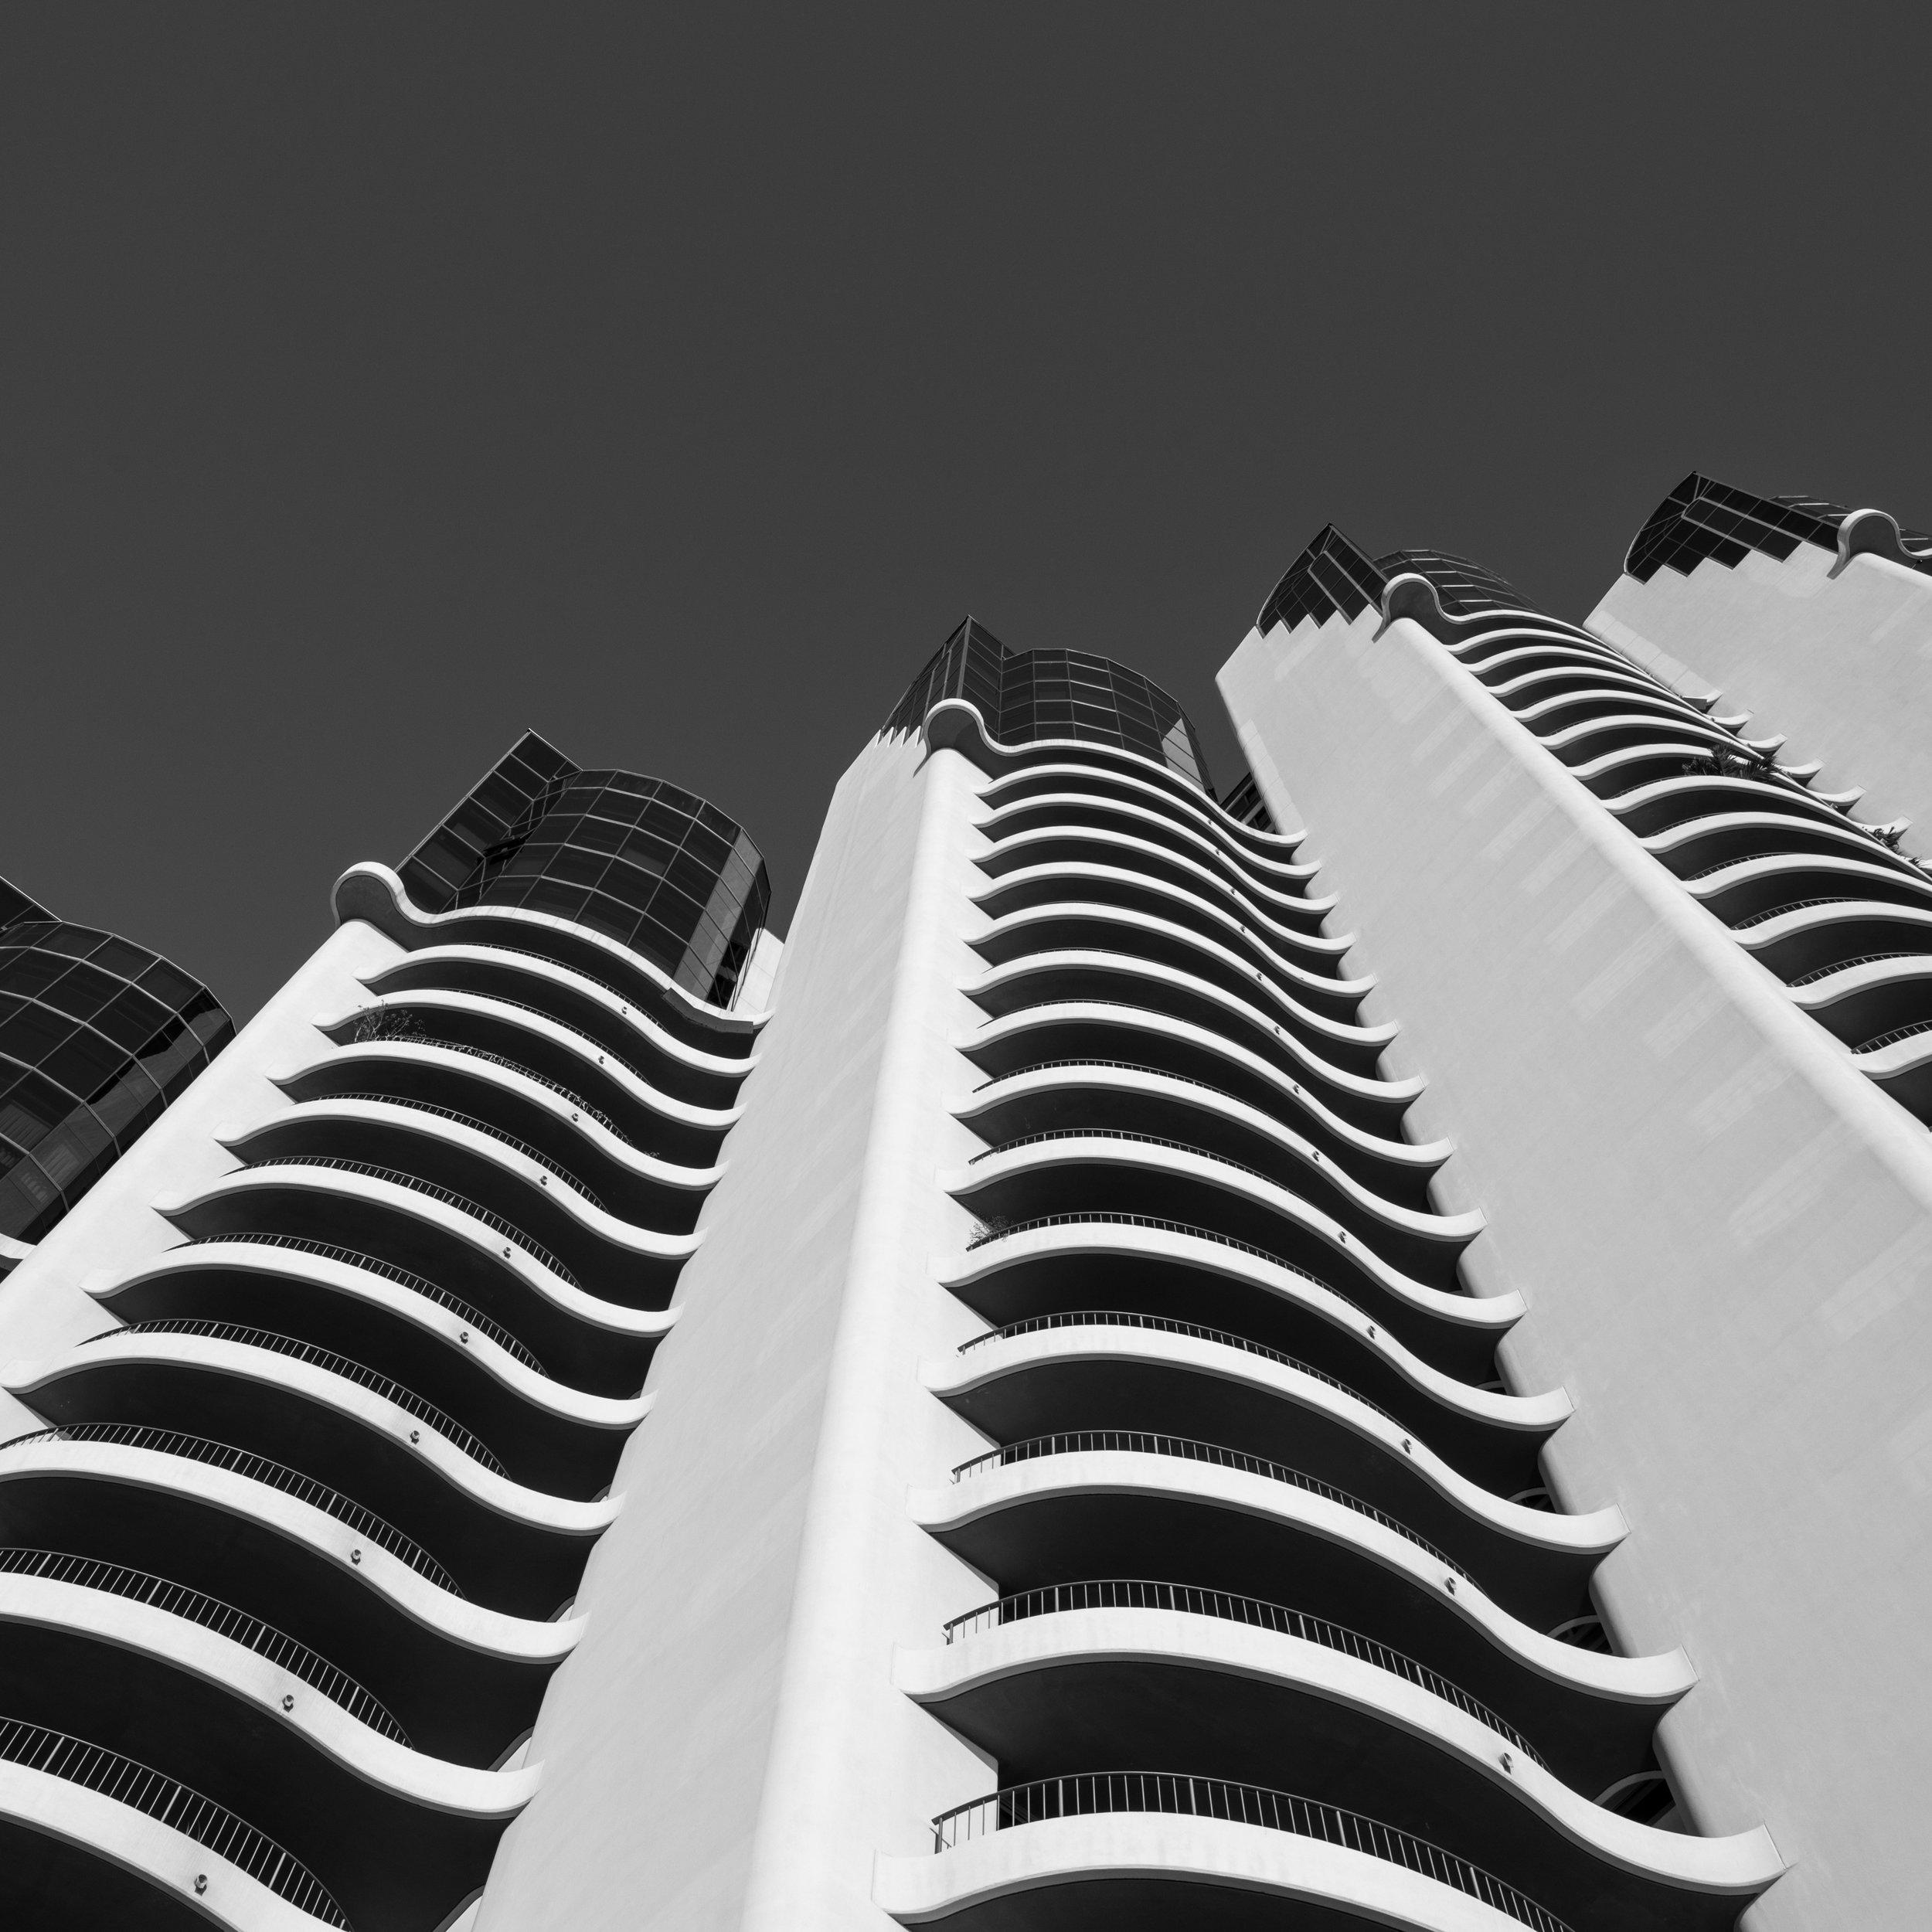 buildings-11.jpg